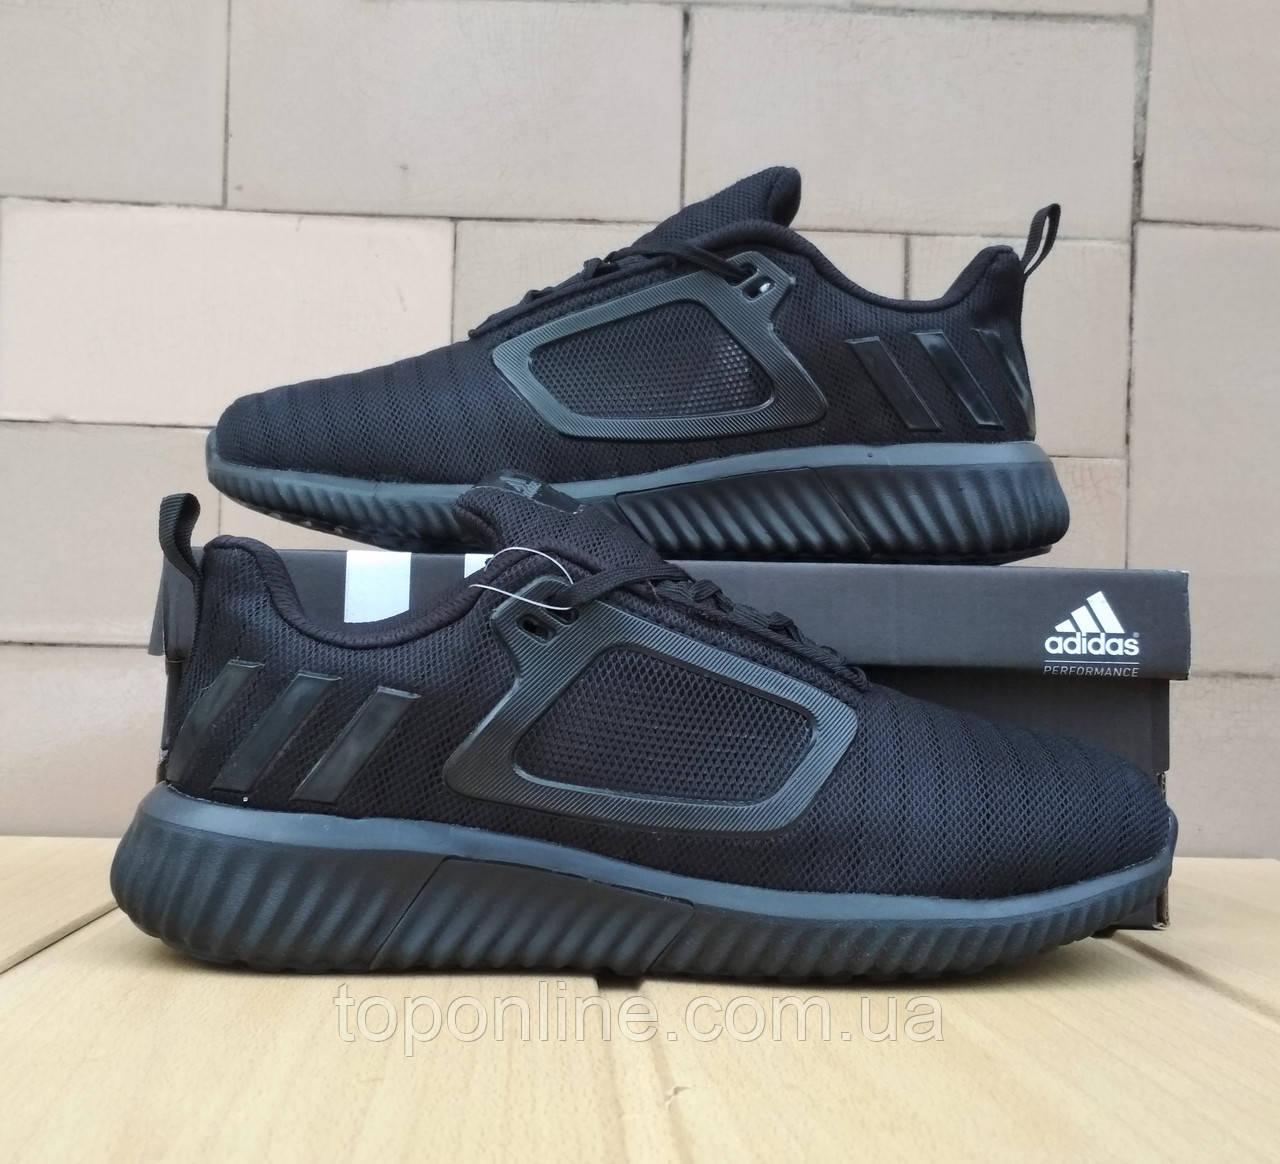 f0a4b78947b341 Кроссовки мужские в стиле Adidas ClimaCool 2017 черные: продажа ...